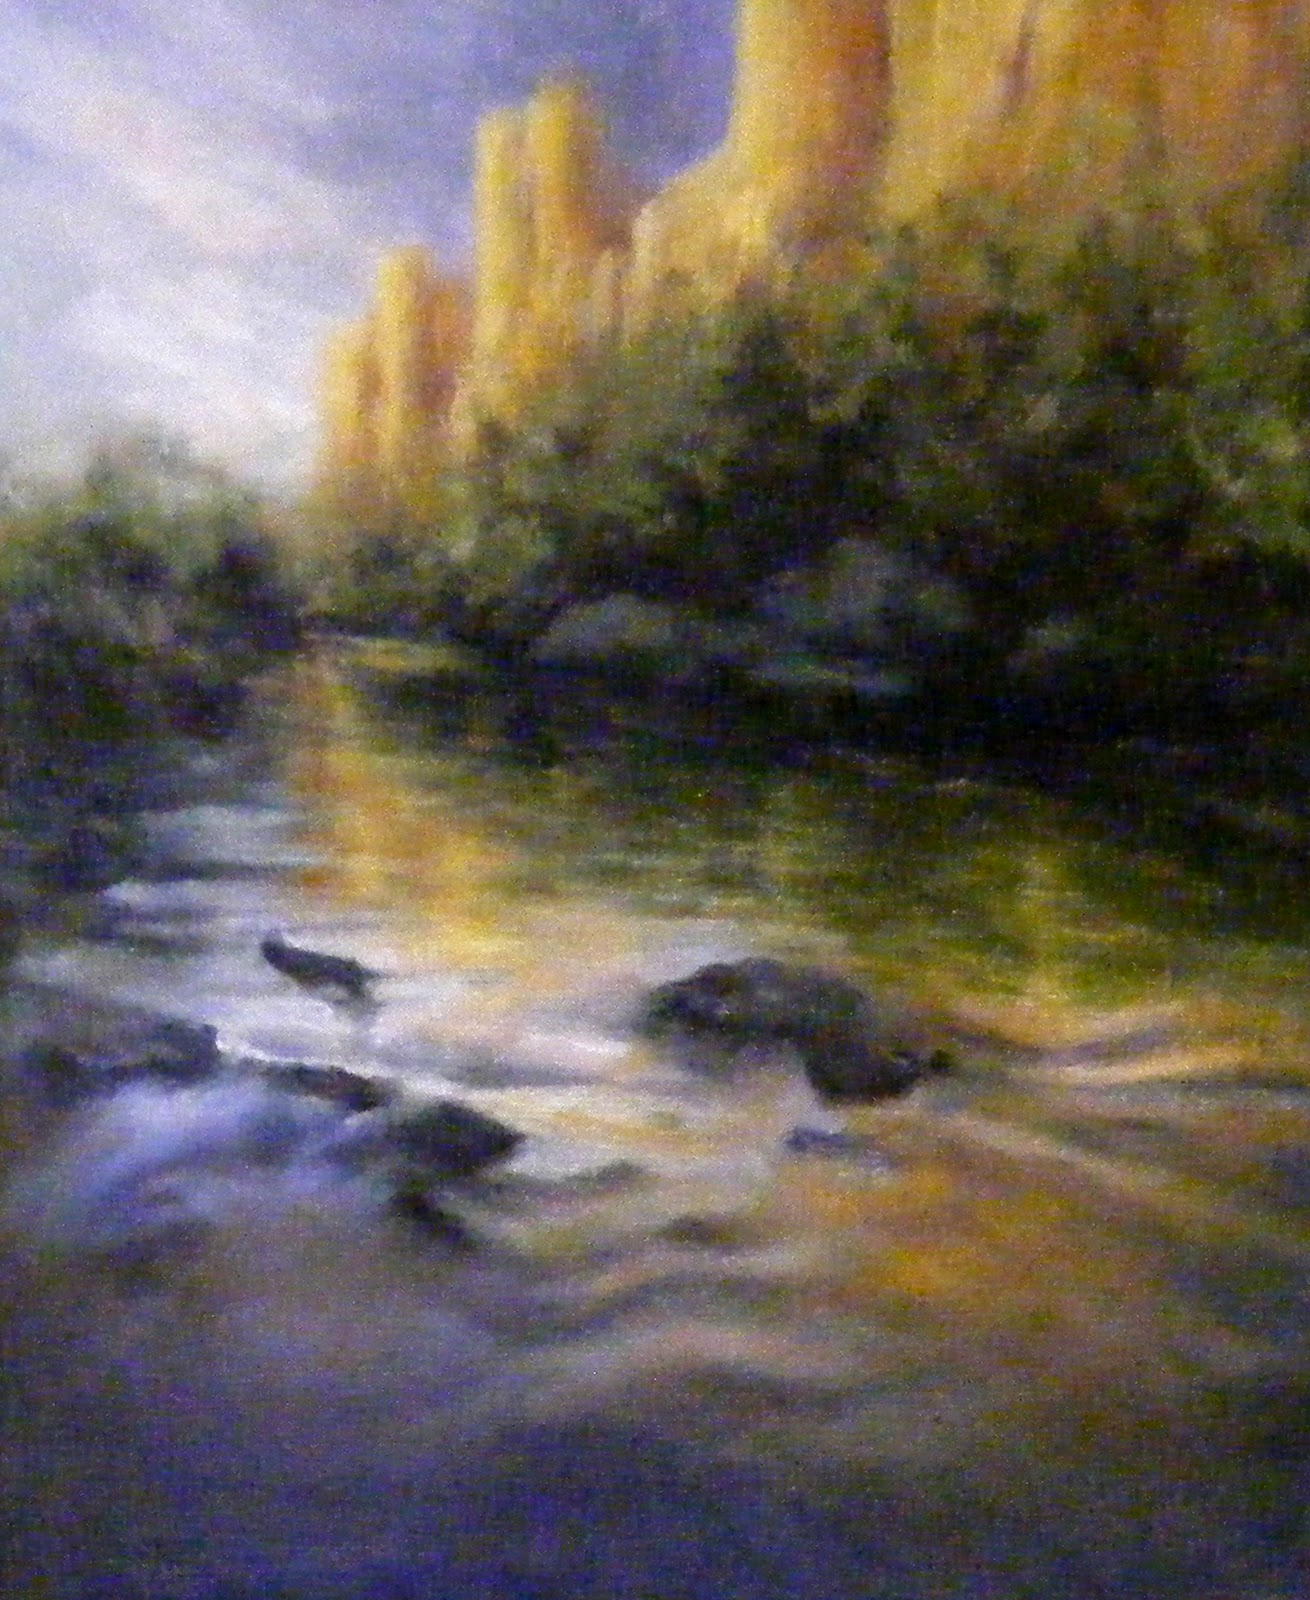 """""""River Reflections, Landscape, Oil"""" original fine art by Diana Delander"""